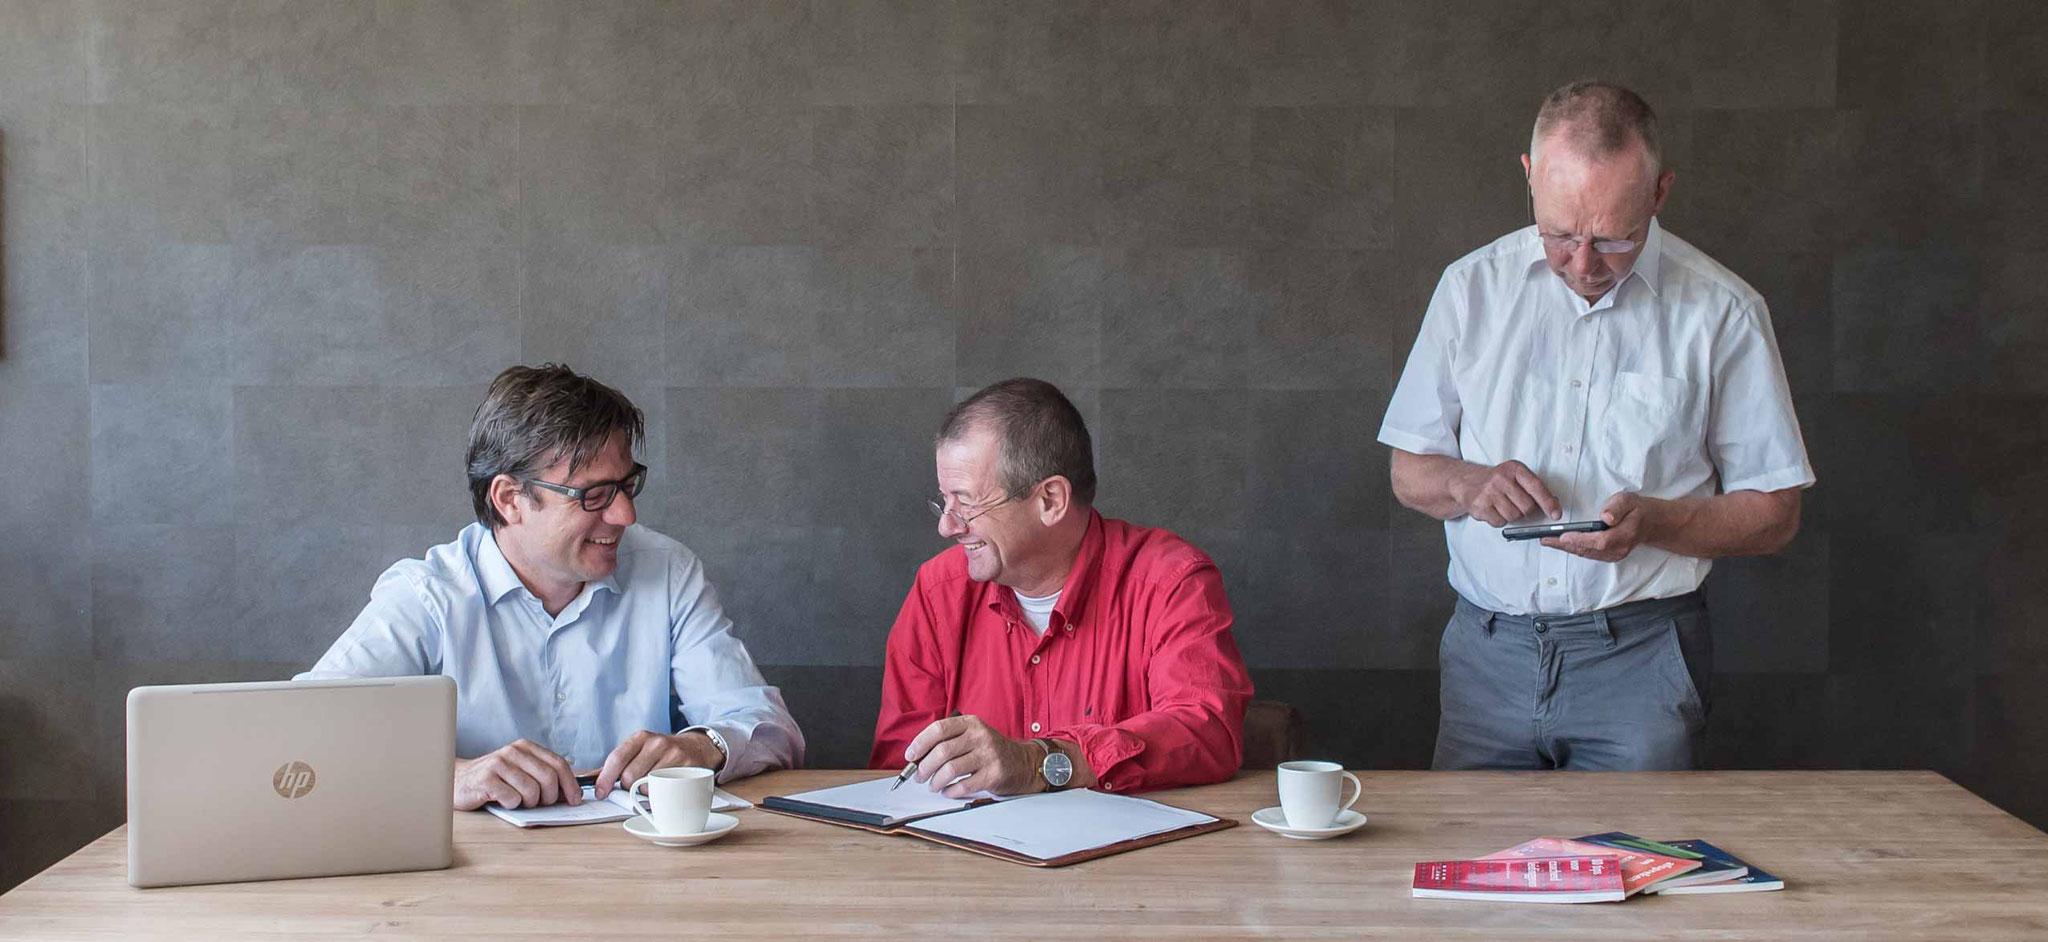 Alwin Nieuwenstein, Monty Trap en Dirk Boersma - CvEL